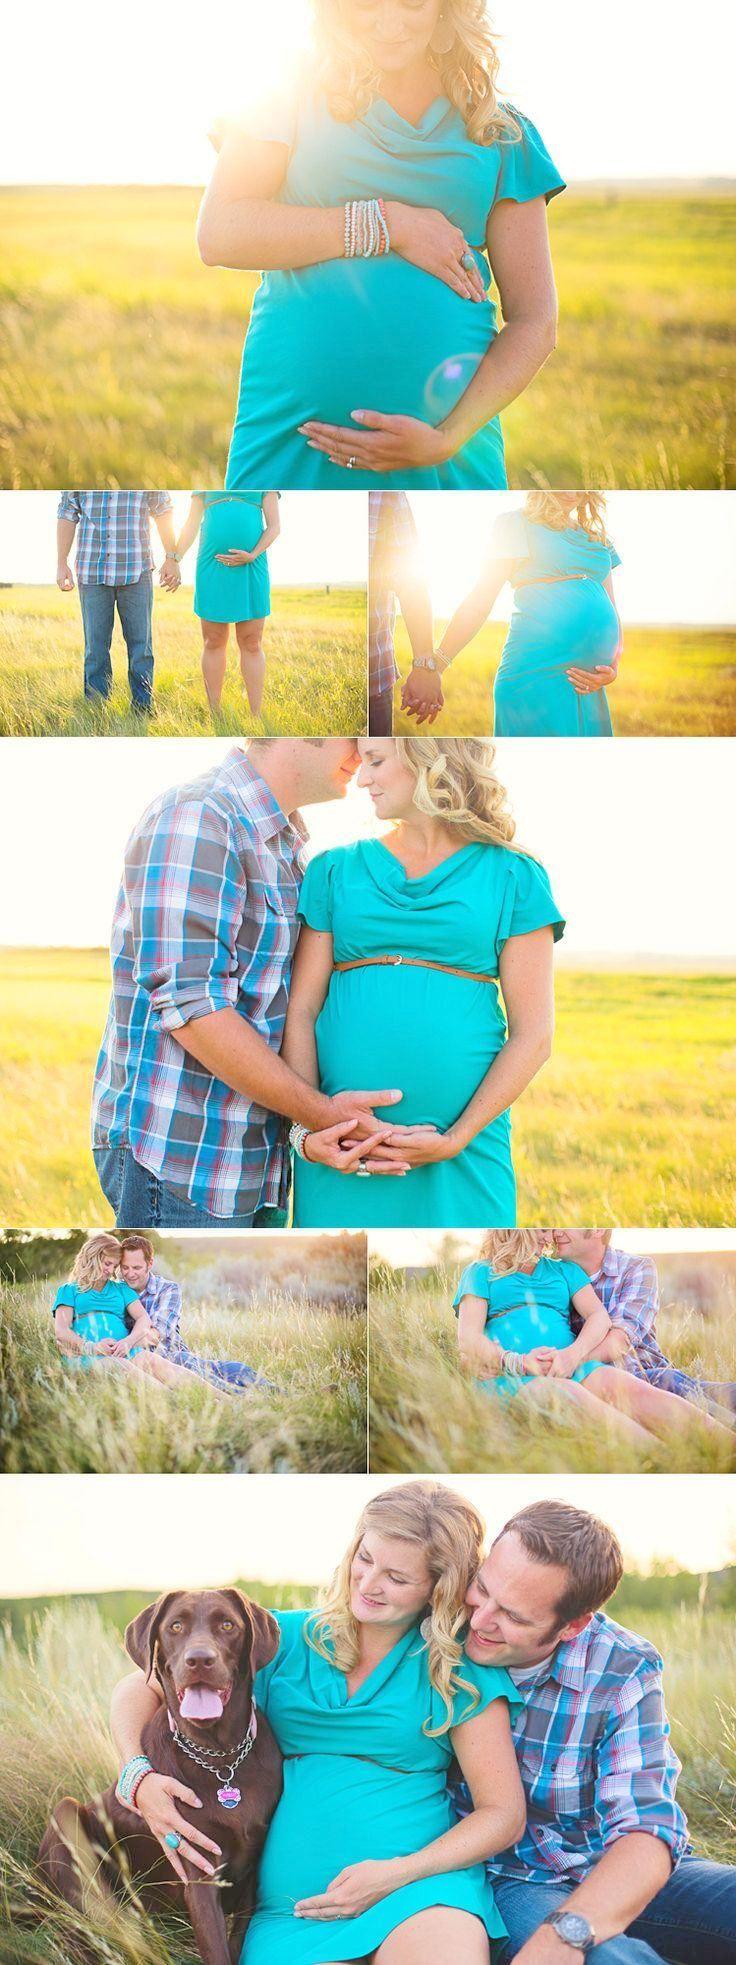 #pregnancy #photos #funny # maternity #diy #memories #diybazaar